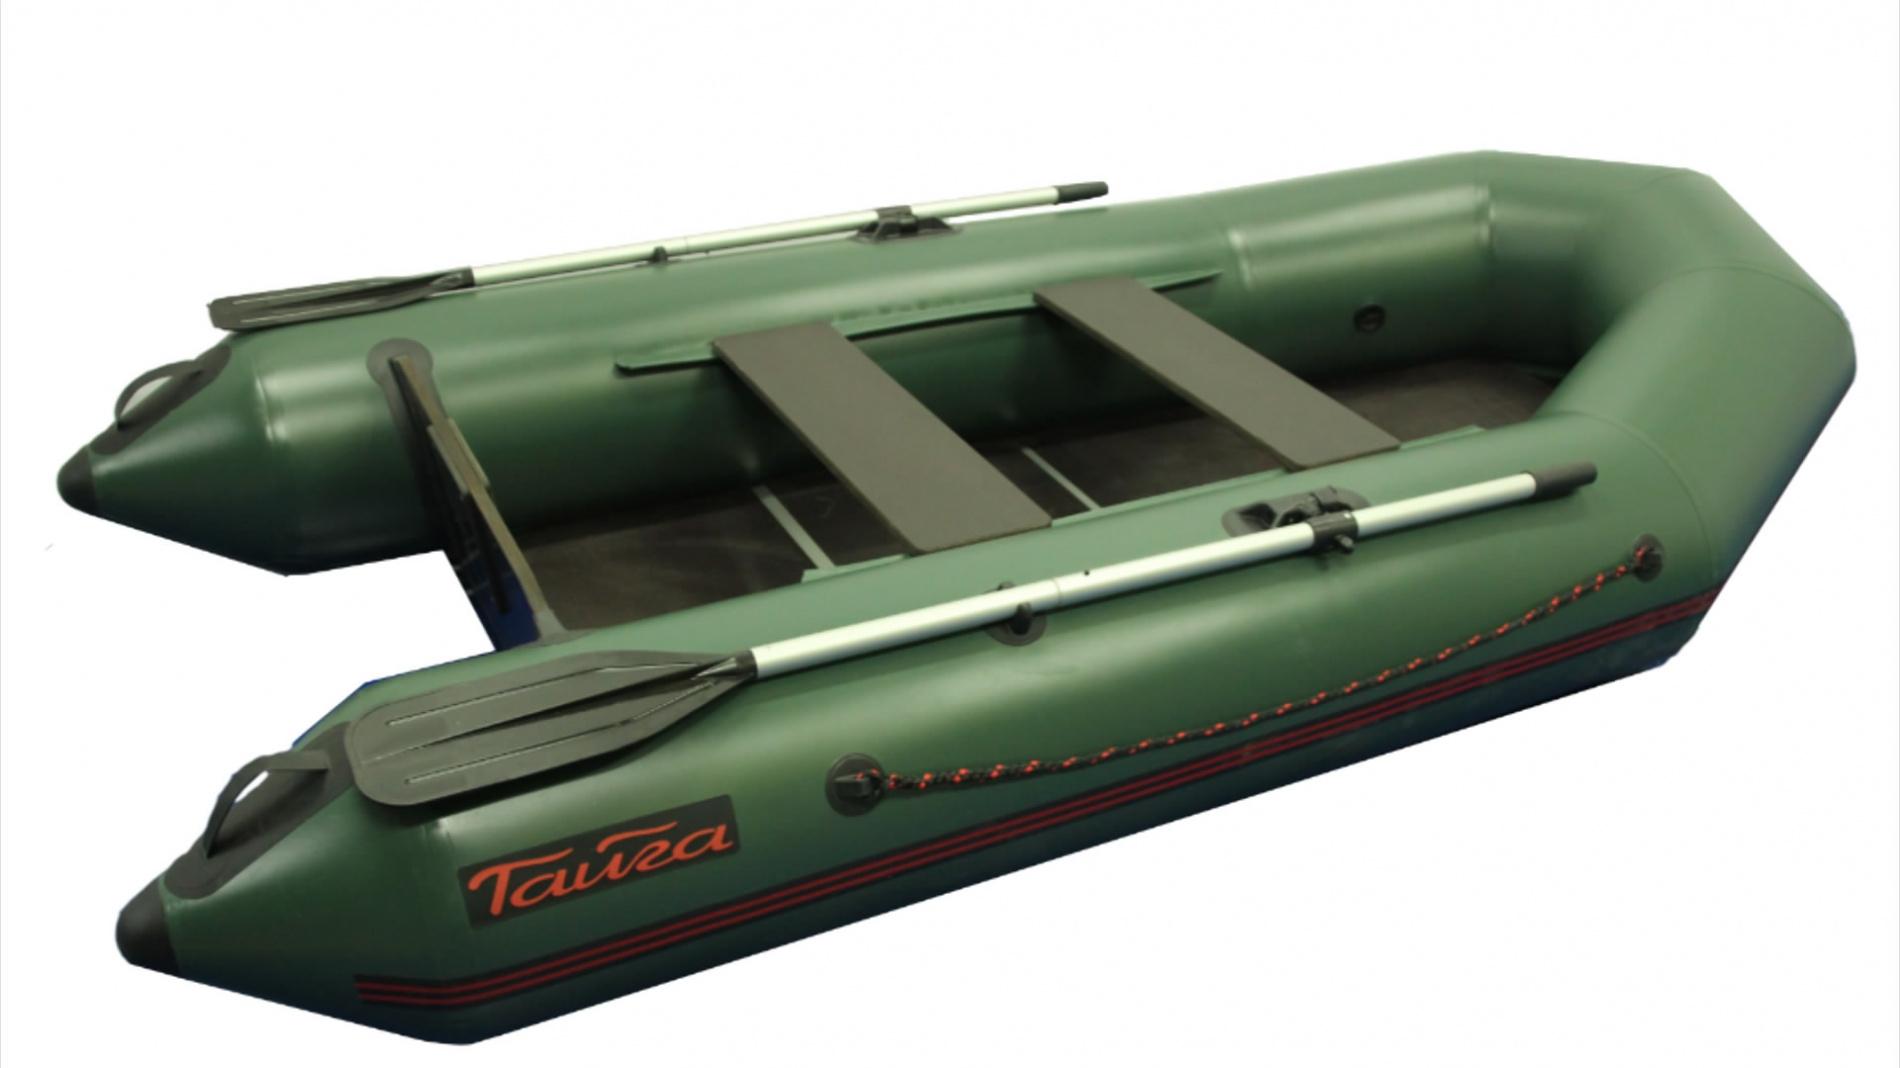 Лодка ПВХ Тайга-270 (С-Пб) (New)Моторные или под мотор<br>Модель 2017 года. Лодка ТАЙГА-270 – надувная <br>моторная лодка, совмещающая в себе возможности <br>гребных и моторных. У такой лодки имеется <br>жестко вклеенный (стационарный) транец <br>из морской фанеры, толщиной 18 мм.. Лодка <br>легко выходит в глиссирующее положение <br>с моторами малой мощности 4-5 л. 2 отсека, <br>ПВХ ткань плотностью 750 г/м.кв. Шов шириной <br>4 см! Банки изготовлены из фанеры толщиной <br>18 мм. На конусной части баллонов есть удобные <br>ручки для переноски Леерный пояс. Сплошной <br>фанерный пол с алюминиевым H-образным профилем, <br>при изготовлении частей которого, применяется <br>влагостойкая ламинированная бакелитовая <br>фанера толщиной 9 мм.. - Сумка-конверт. В стандартную <br>комплектацию входит: - разъемные алюминиевые <br>весла (2 шт.), - фанерное жесткое сиденье-банка <br>(2 шт), - помпа- 5л., - сплошной фанерный настил <br>с алюминиевым H-образным профилем - рем-набор: <br>оригинальный клей, небольшие кусочки ПВХ <br>материала и пластиковый ключ для клапана, <br>- Сумка-конверт. - инструкция по сборке и <br>разборке, хранению, транспортировке надувных <br>лодок, описаны меры по ремонту порезов и <br>проколов в аварийных ситуациях. Сертификация: <br>Каждая надувная лодка «ТАЙГА» соответствует <br>требованиям ТУ 7440-001-89037533-2011 и требованиям <br>нормативных документов по ГОСТ № 21292-89, <br>а надежность использования подтверждена <br>Сертификатом Соответствия Госстандарта <br>России РОСС RU.МП 13.В00693 Гарантии: предприятие <br>гарантирует соответствие комплектации <br>надувной лодки паспортным данным, а также <br>надежную и безопасную эксплуатацию при <br>соблюдении потребителем правил использования <br>установленных в руководстве пользователя <br>к надувной лодке. Материал корпуса лодки <br>– гарантия 5 лет. Клееные швы – 2 года. Остальные <br>компоненты – 1 год. Гарантия не распространяется <br>при несоблюдении правил использования, <br>транспортирования и х